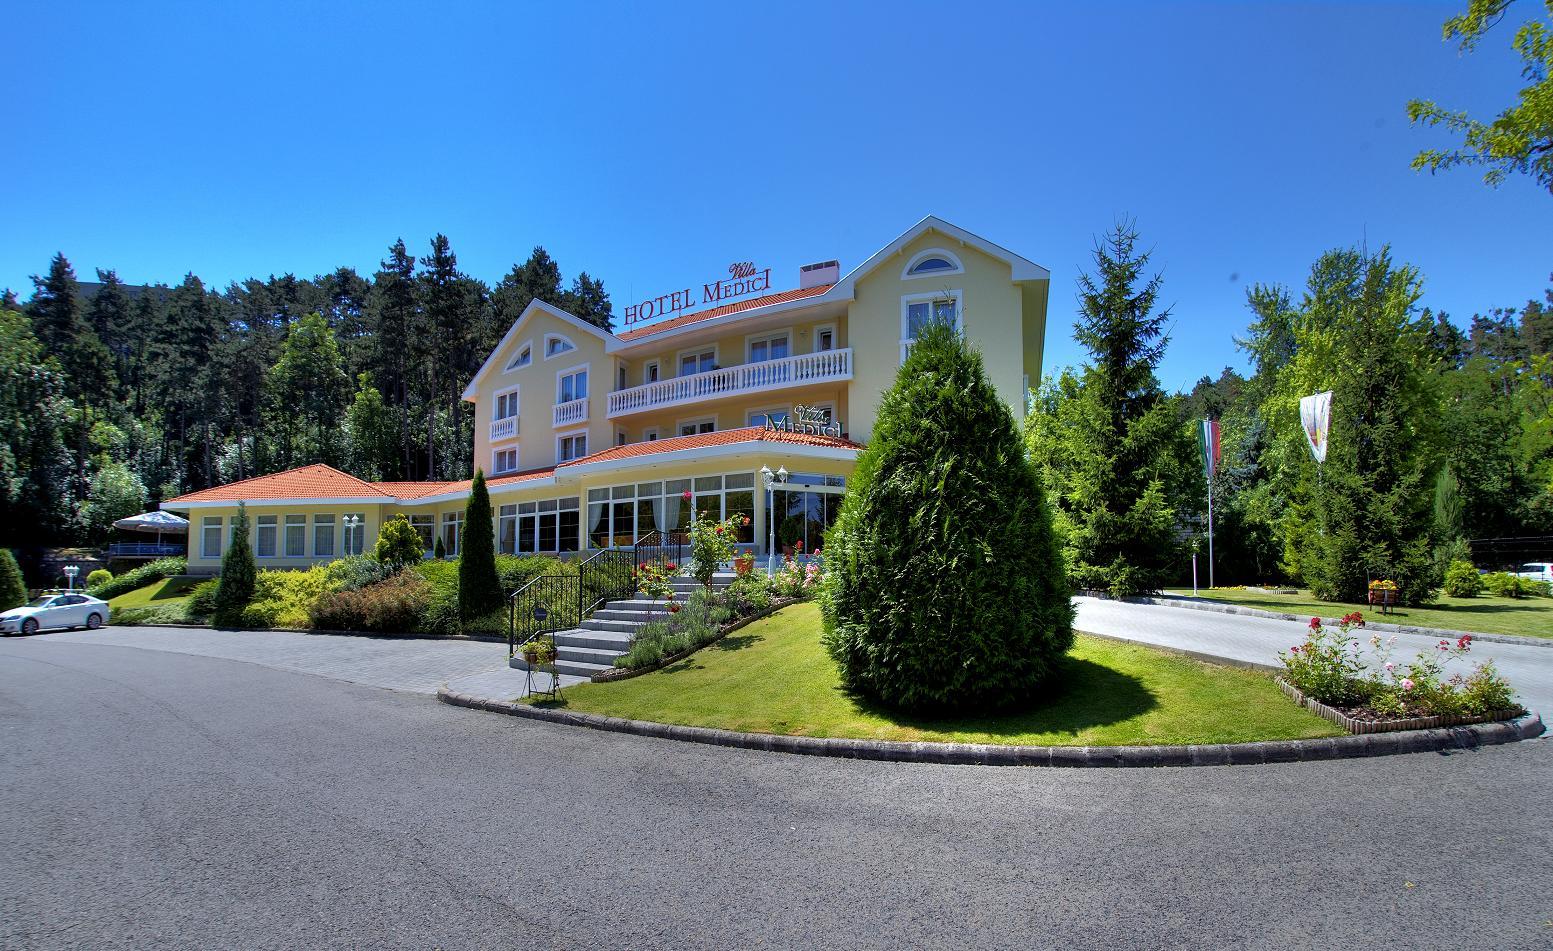 villa-medici-hotel